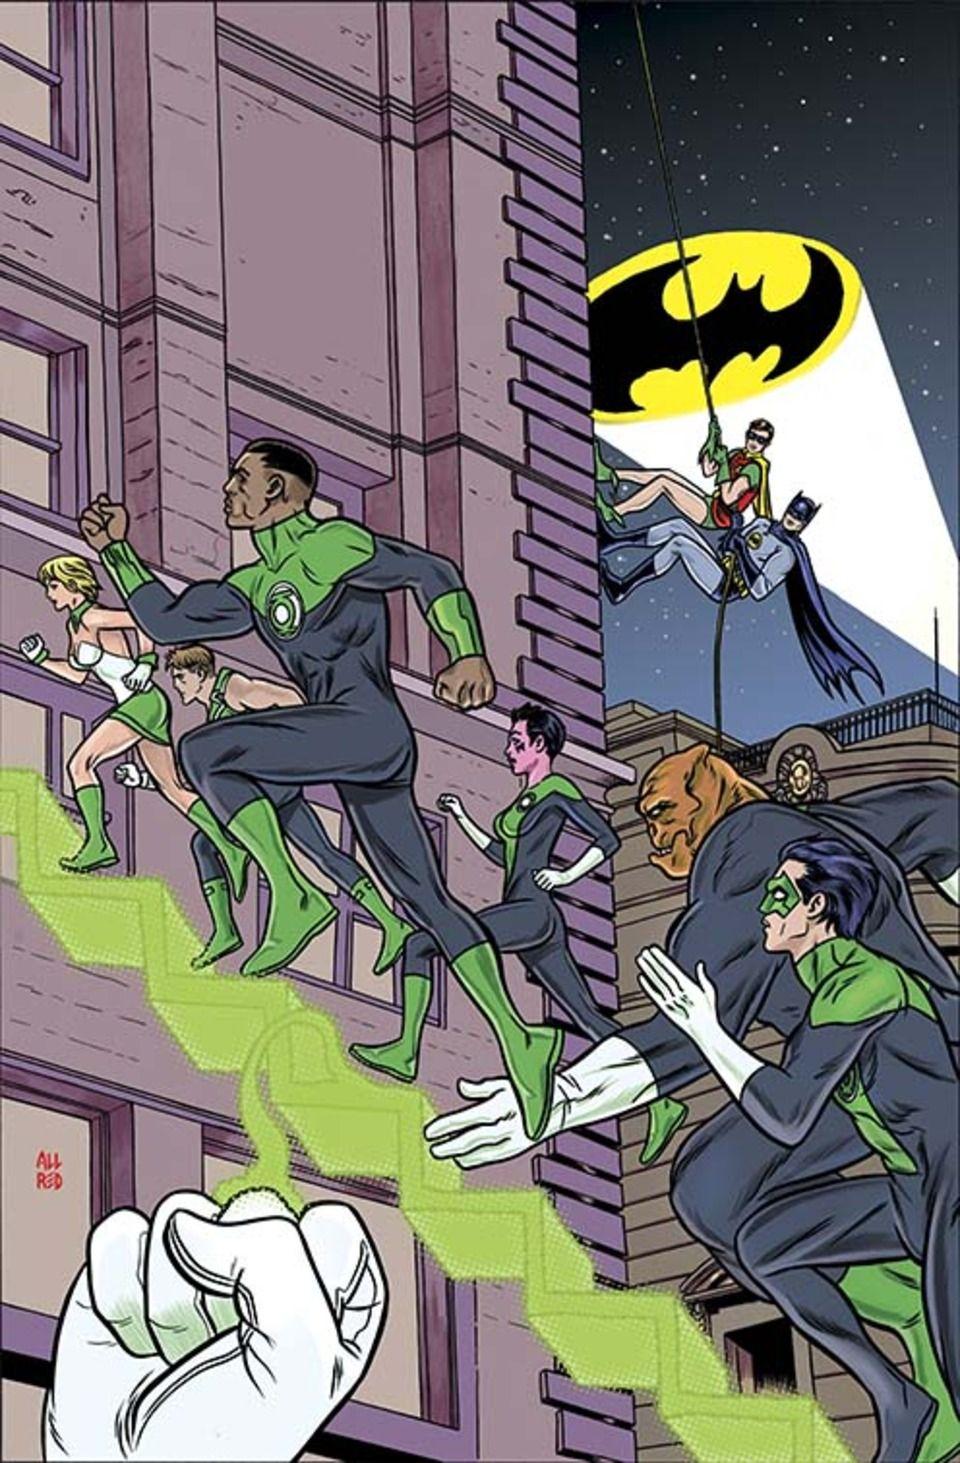 #Batman #And #Robin #Fan #Art. (GREEN LANTERN CORPS #31) By: Mike Allred. (THE * 5 * STÅR * ÅWARD * OF: * AW YEAH, IT'S MAJOR ÅWESOMENESS!!!™) ÅÅÅ+